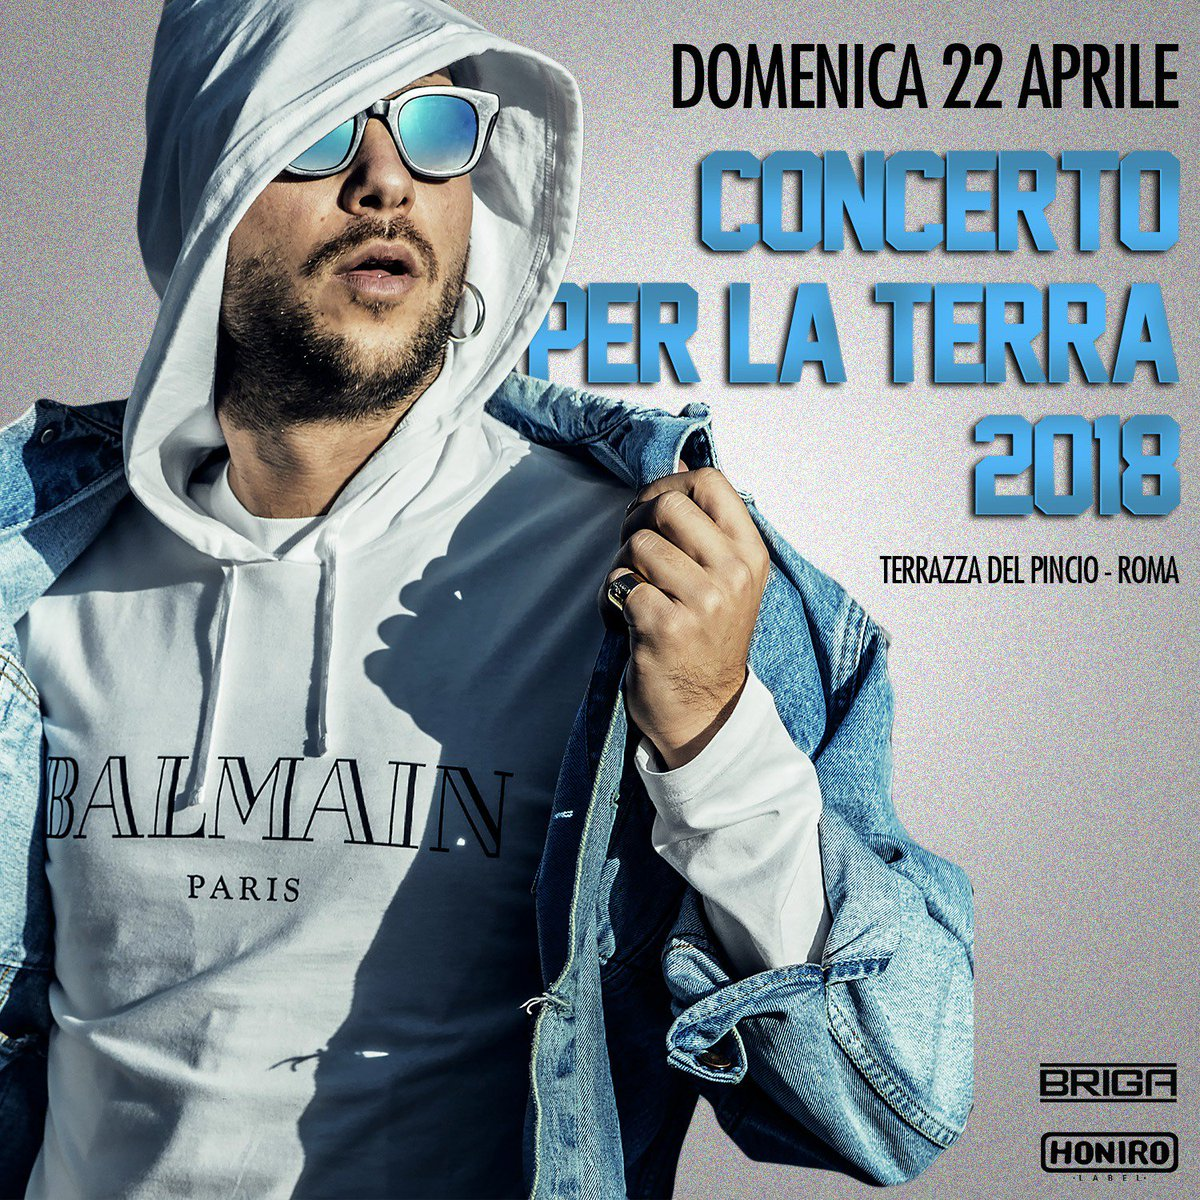 Honiro Label On Twitter Domenica 22 Aprile Roma Prepara